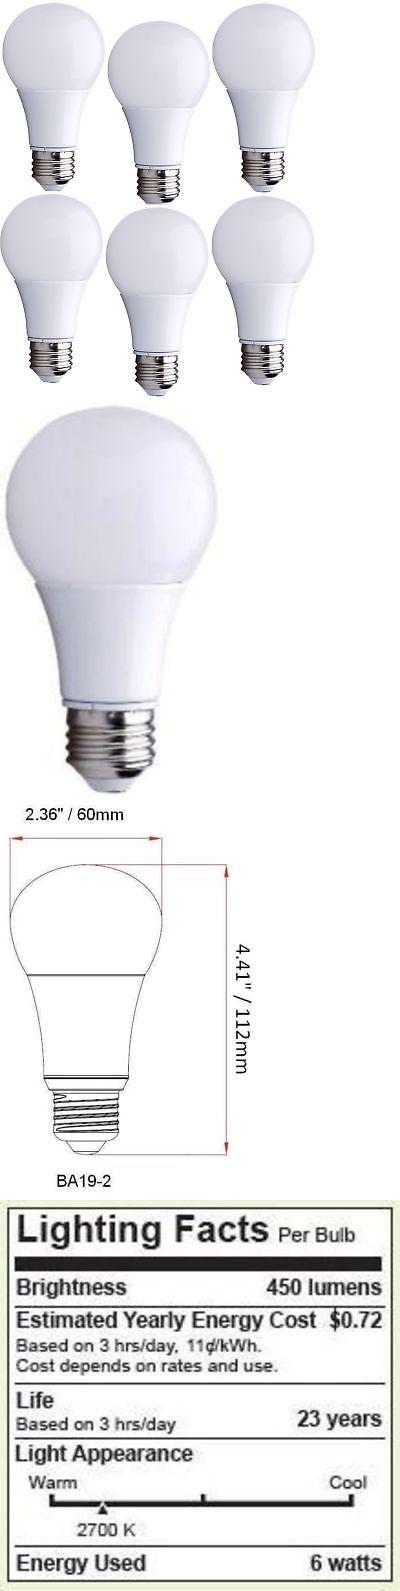 Bioluz Led 40 Watt Led Light Bulbs 40w A19 Bulb Uses Only 6 Watts Warm White 2 Ebay Led Light Bulbs Bulb Light Bulbs